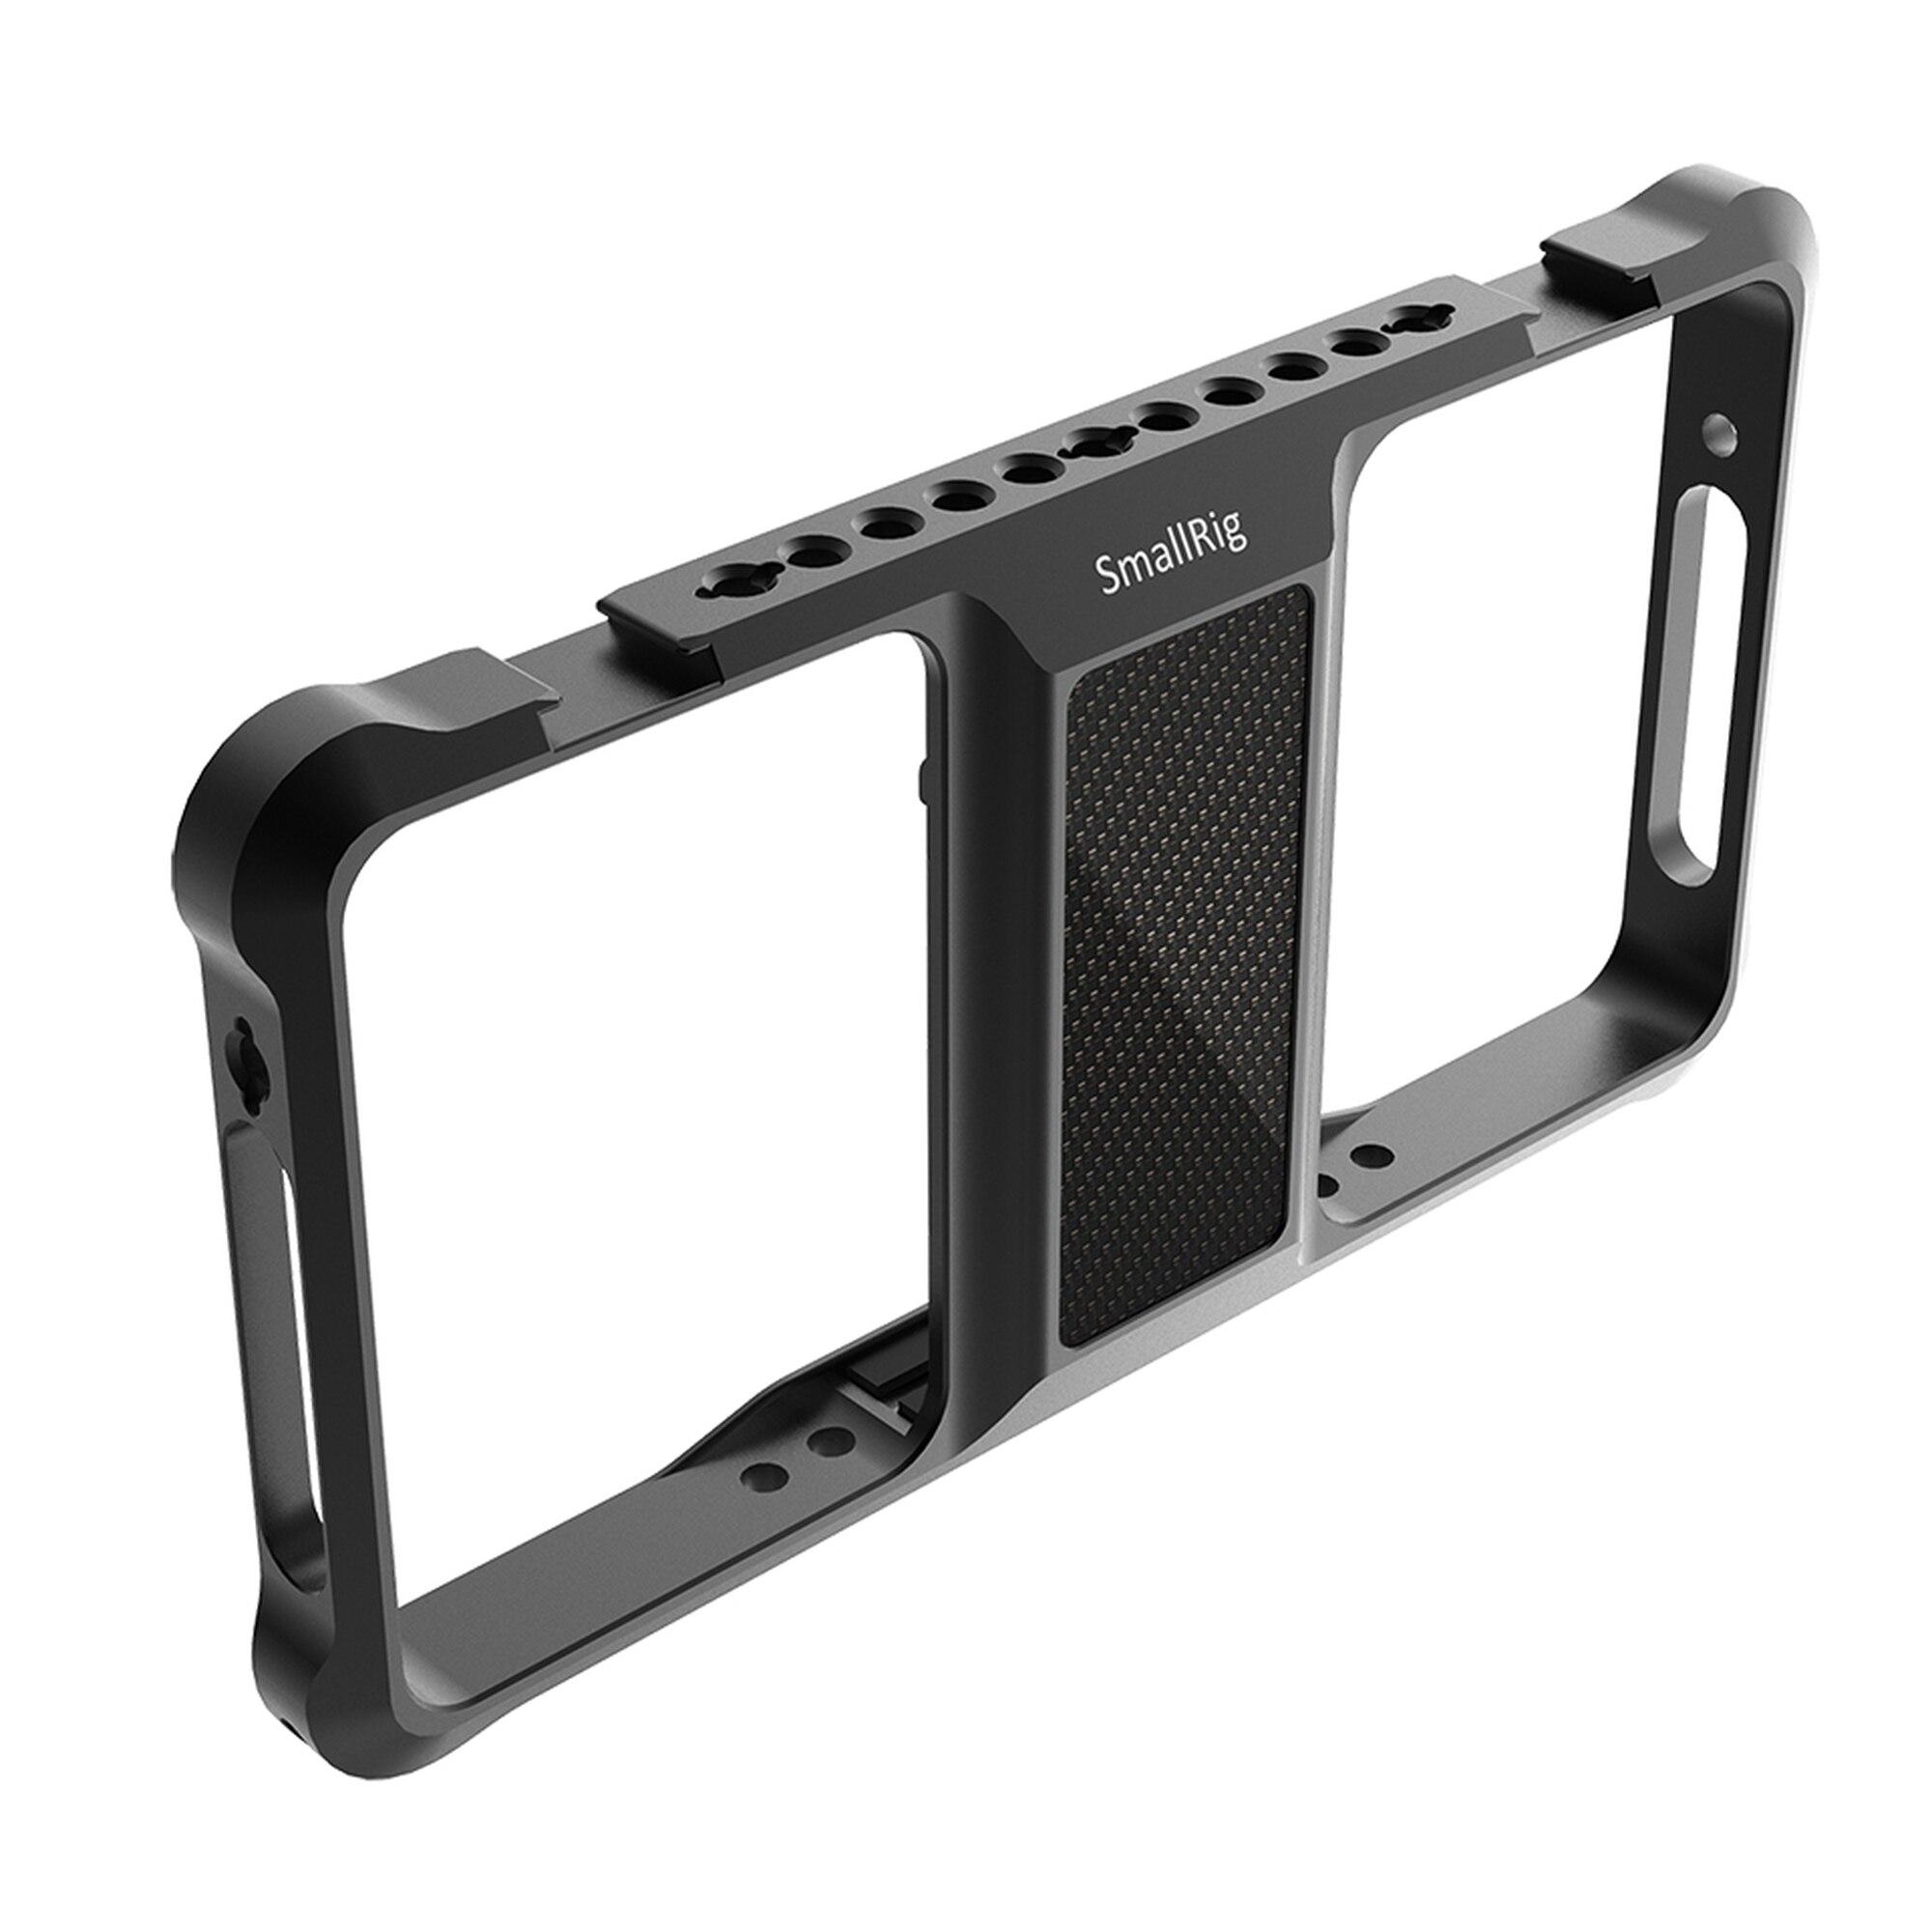 SmallRig Standard Universal Mobile Phone Cage Mobile Phone Holder For Vlogging Vlog Video Rig 2391 enlarge